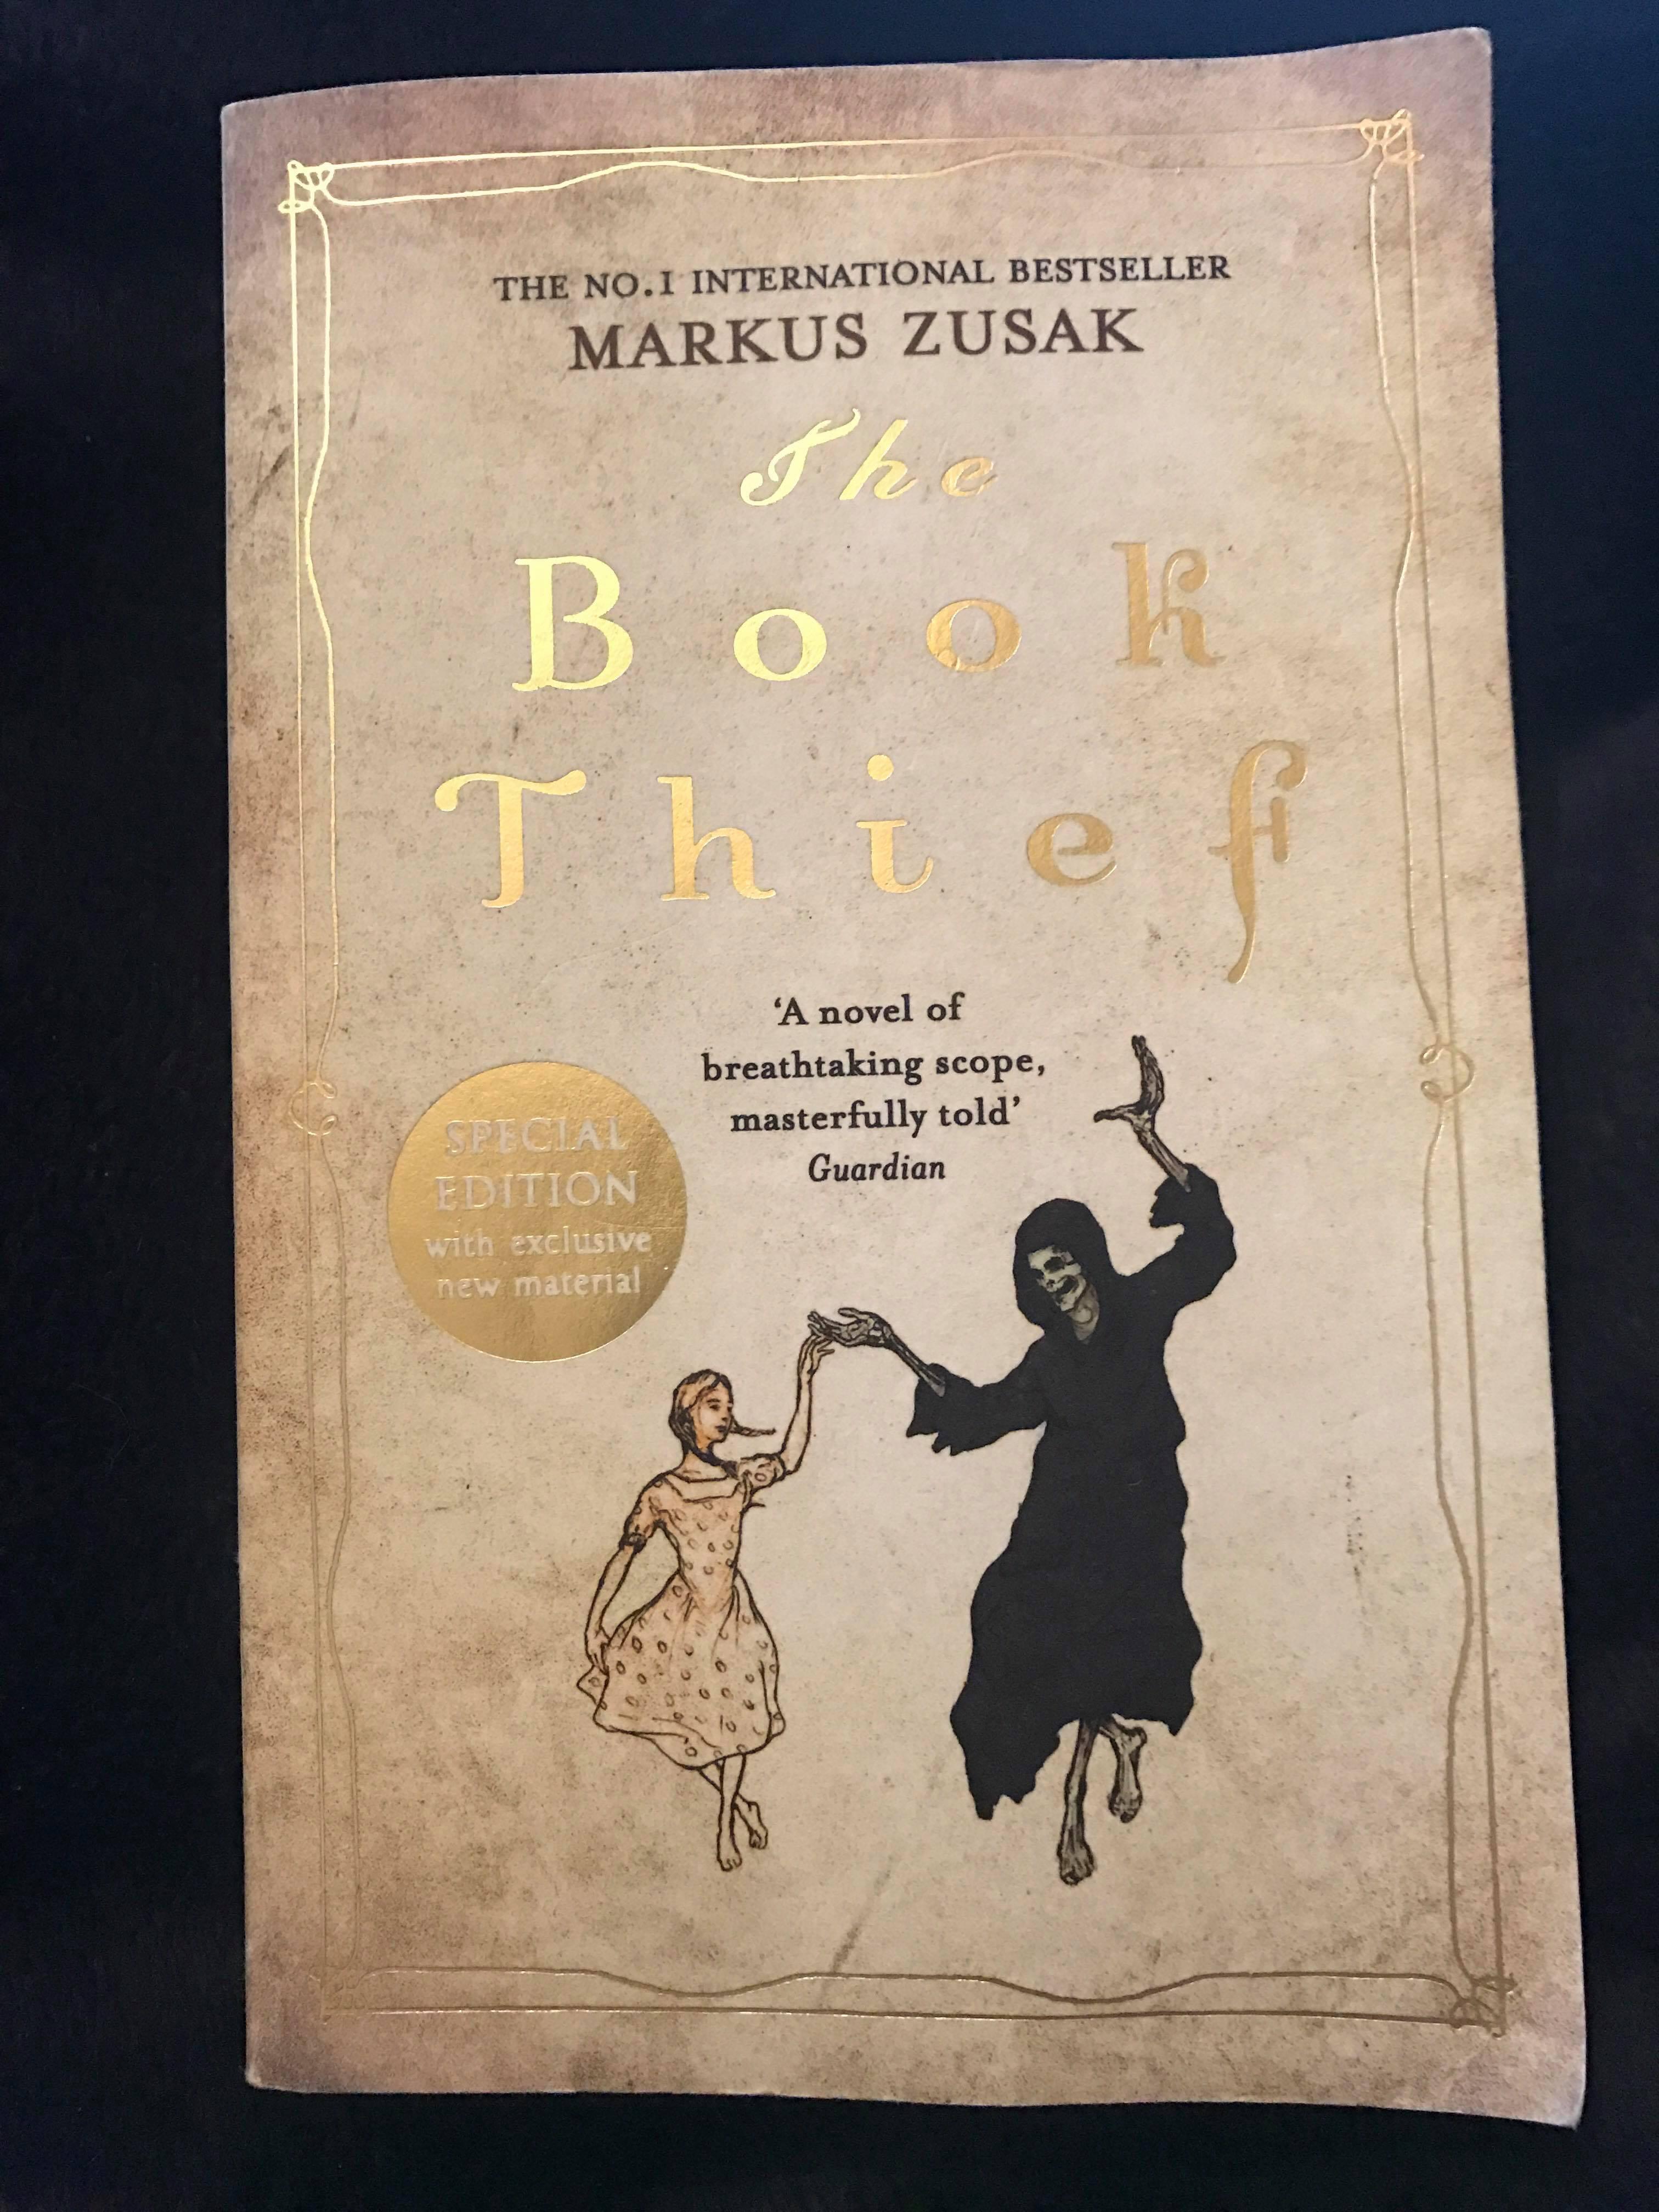 The Book Thief – Marcus Zusak